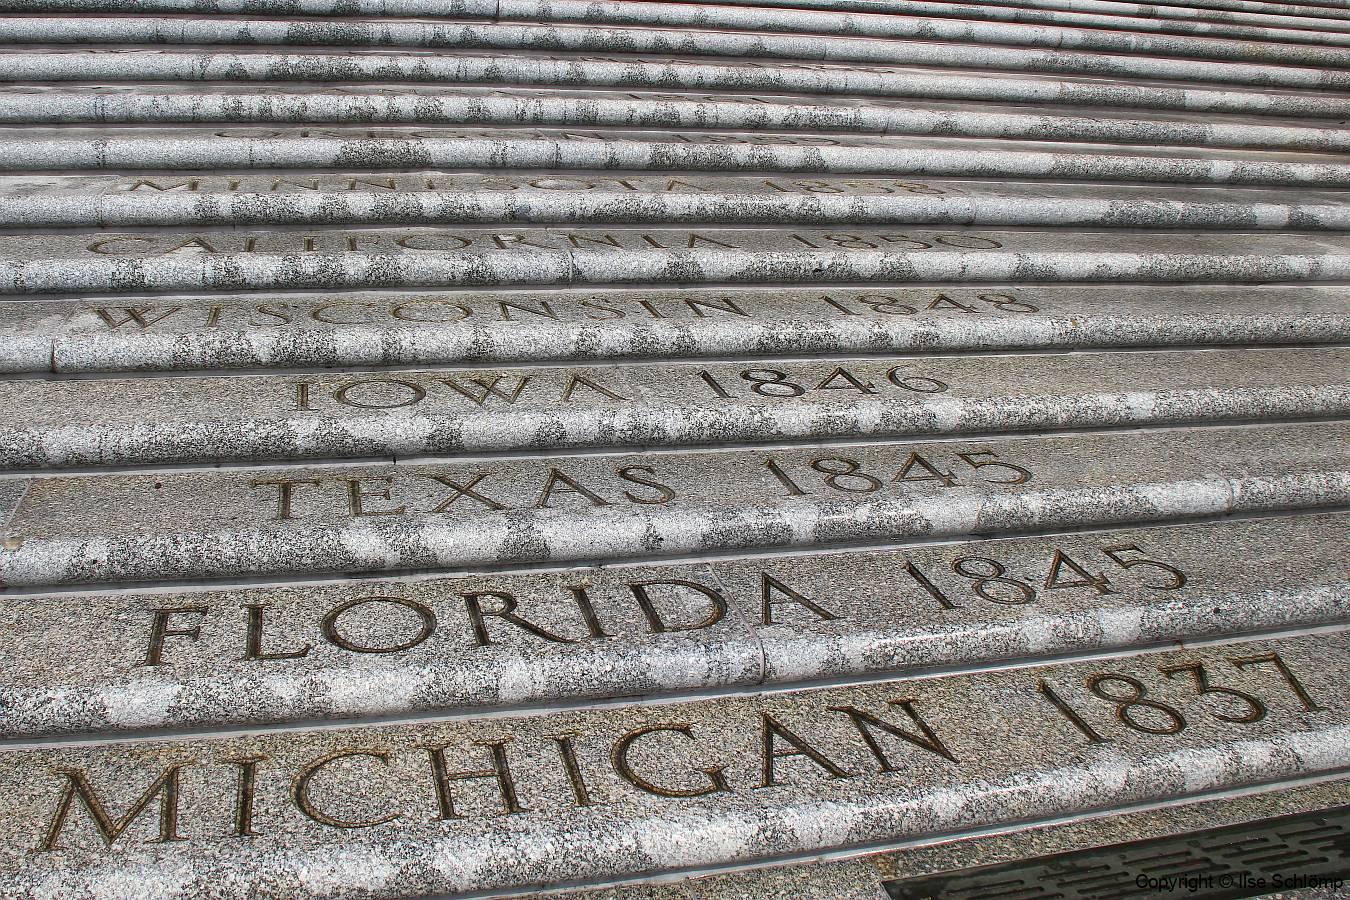 USA, Louisiana, Baton Rouge, Treppenaufgang zum Louisiana State Capitol